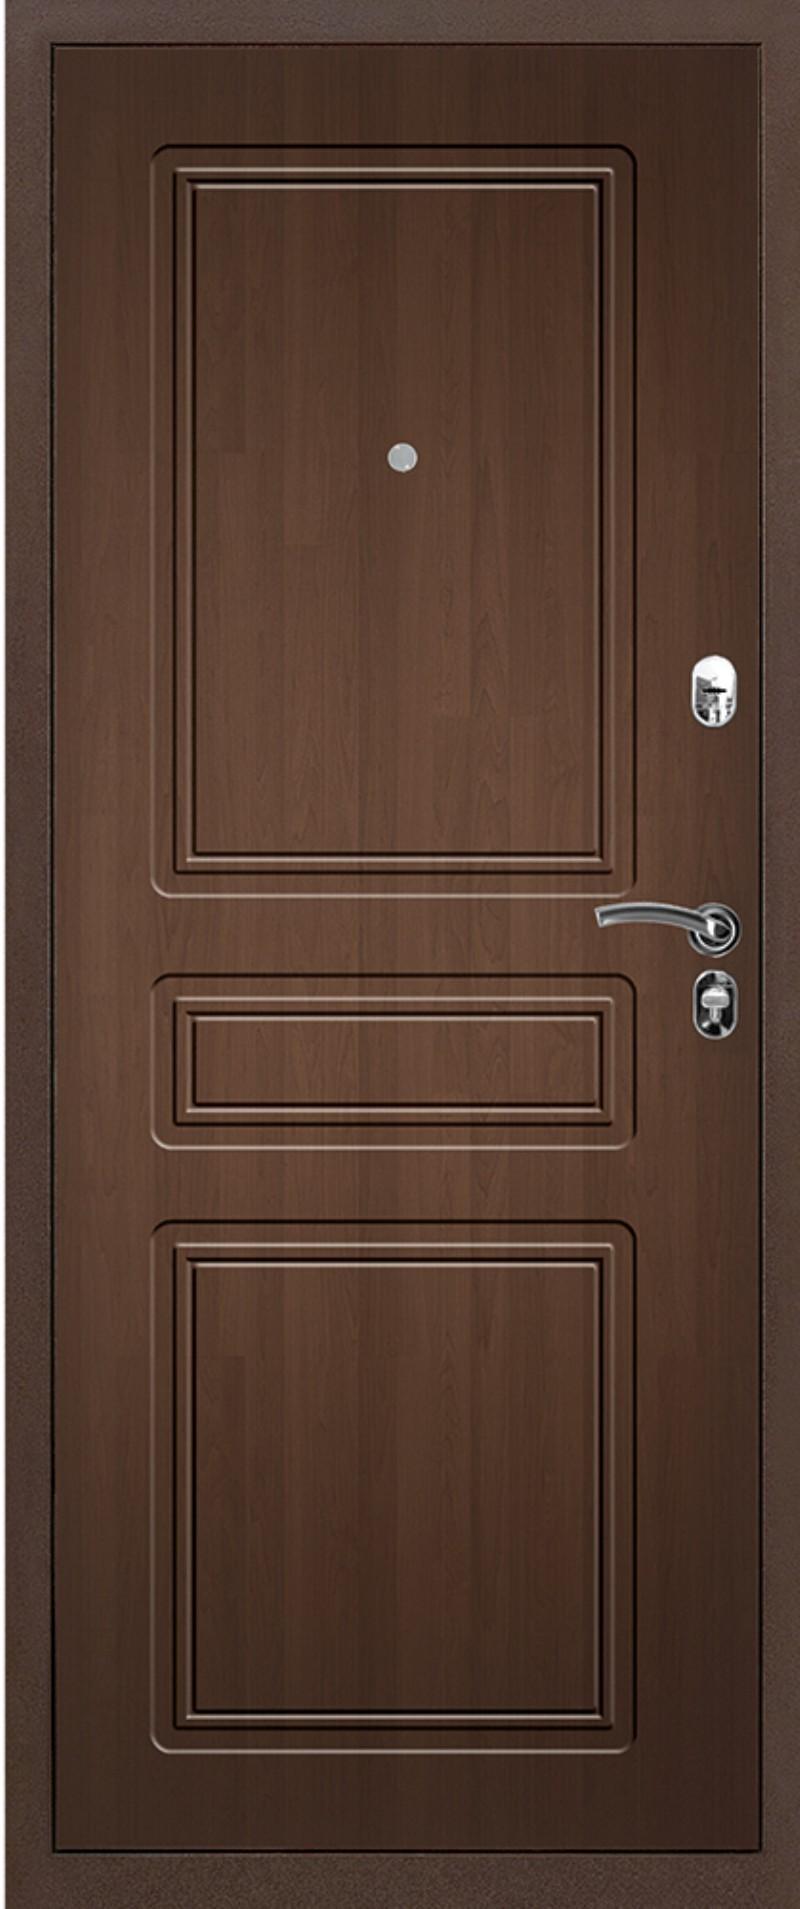 Продажа и монтаж металлических дверей.   Мельникайте 116 61-23-90. 68-00-85 Ждем в гости :)  #Бион #двери_межкомнатные  #двери_металлические #окна_пластиковые